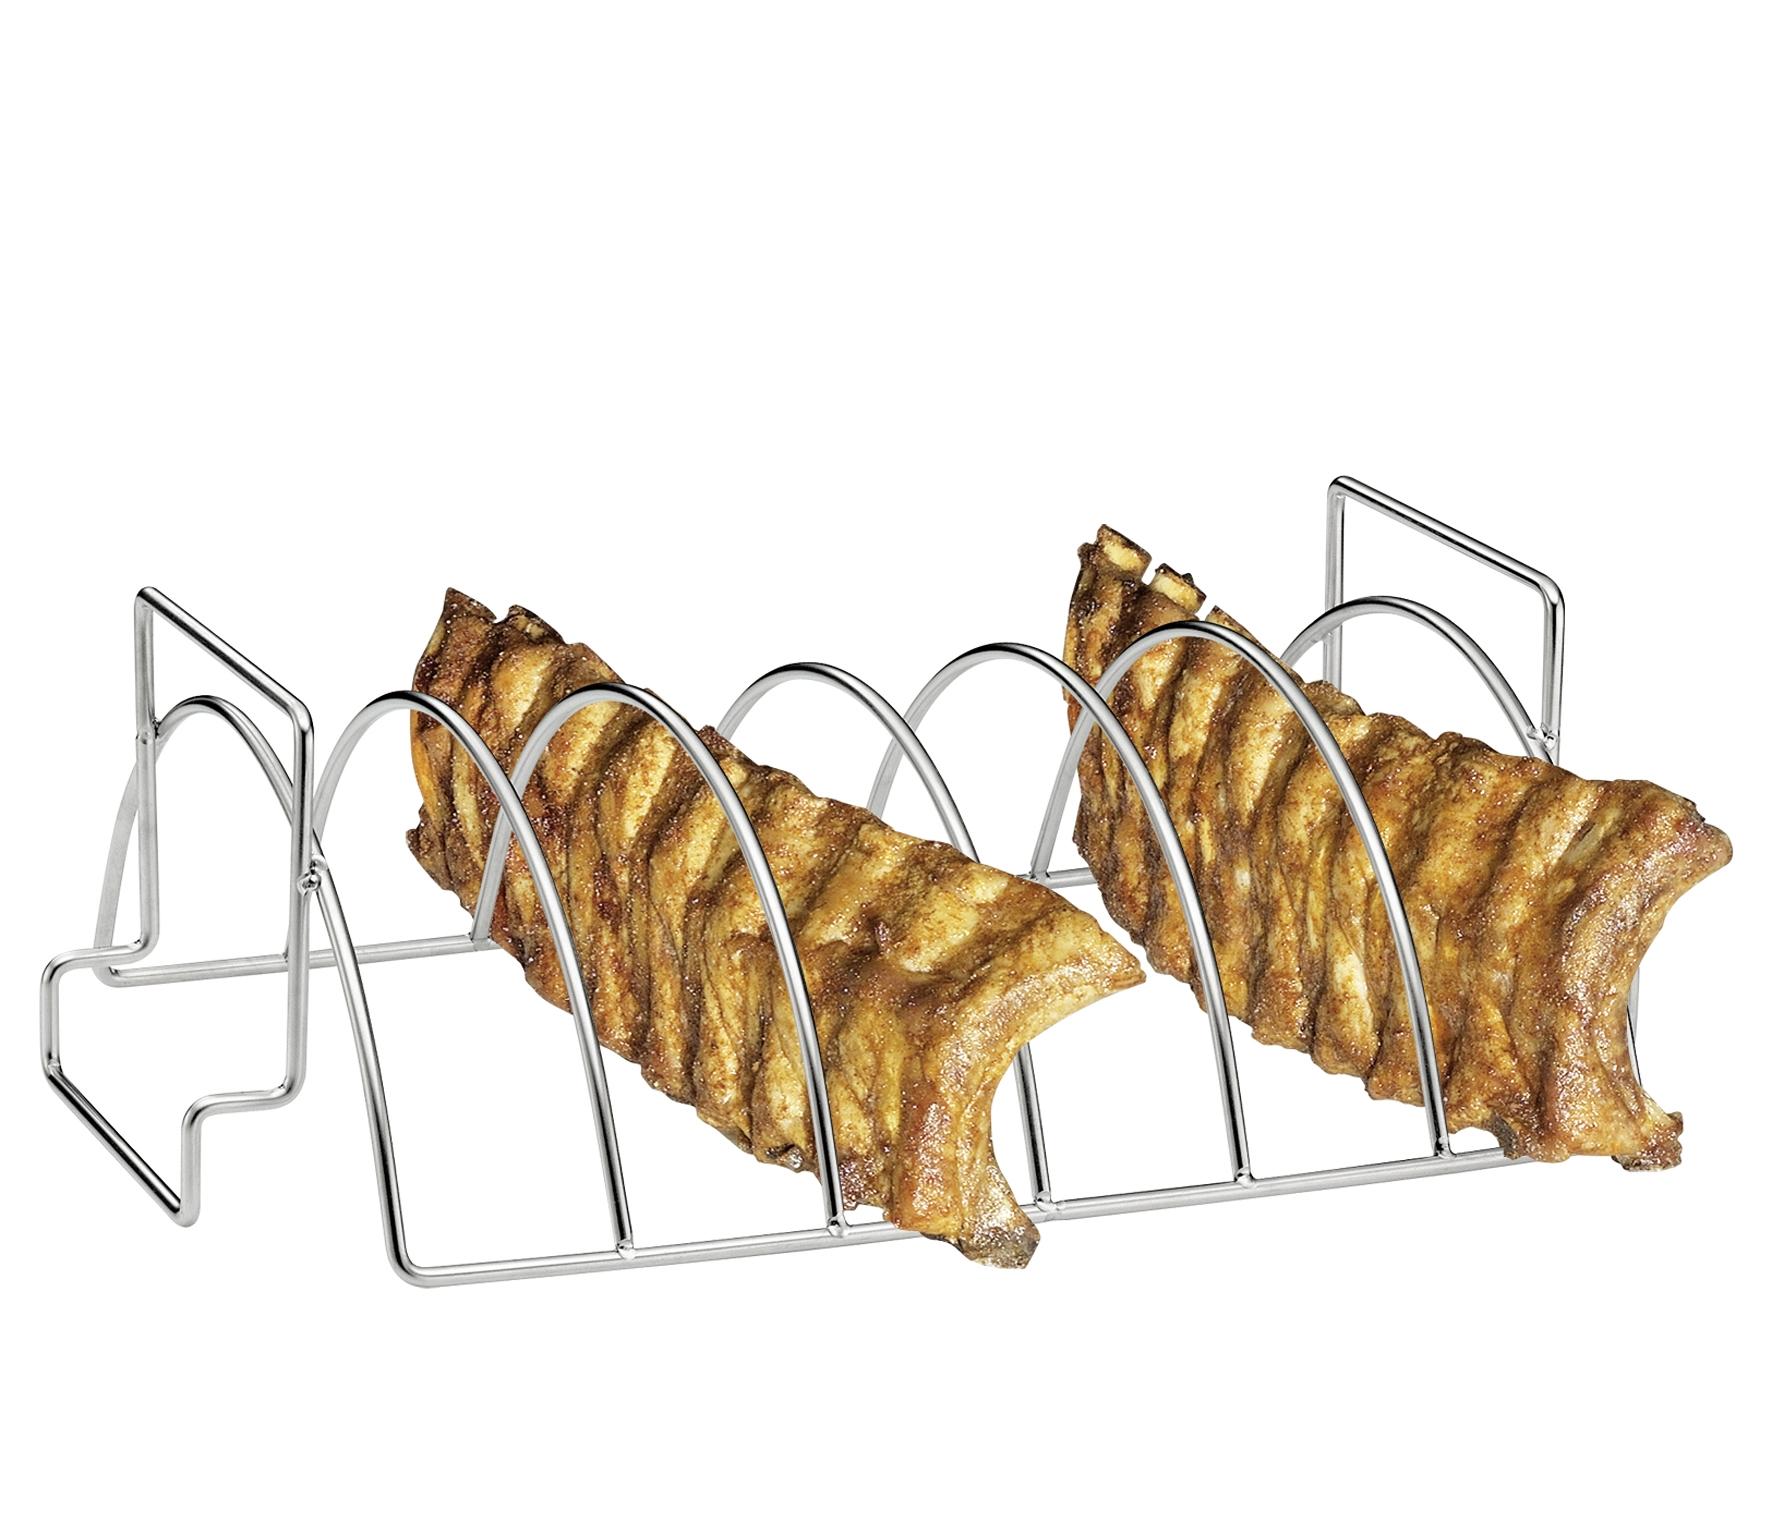 Küchenprofi Spareribs und Braten Rack für 6 Spa...